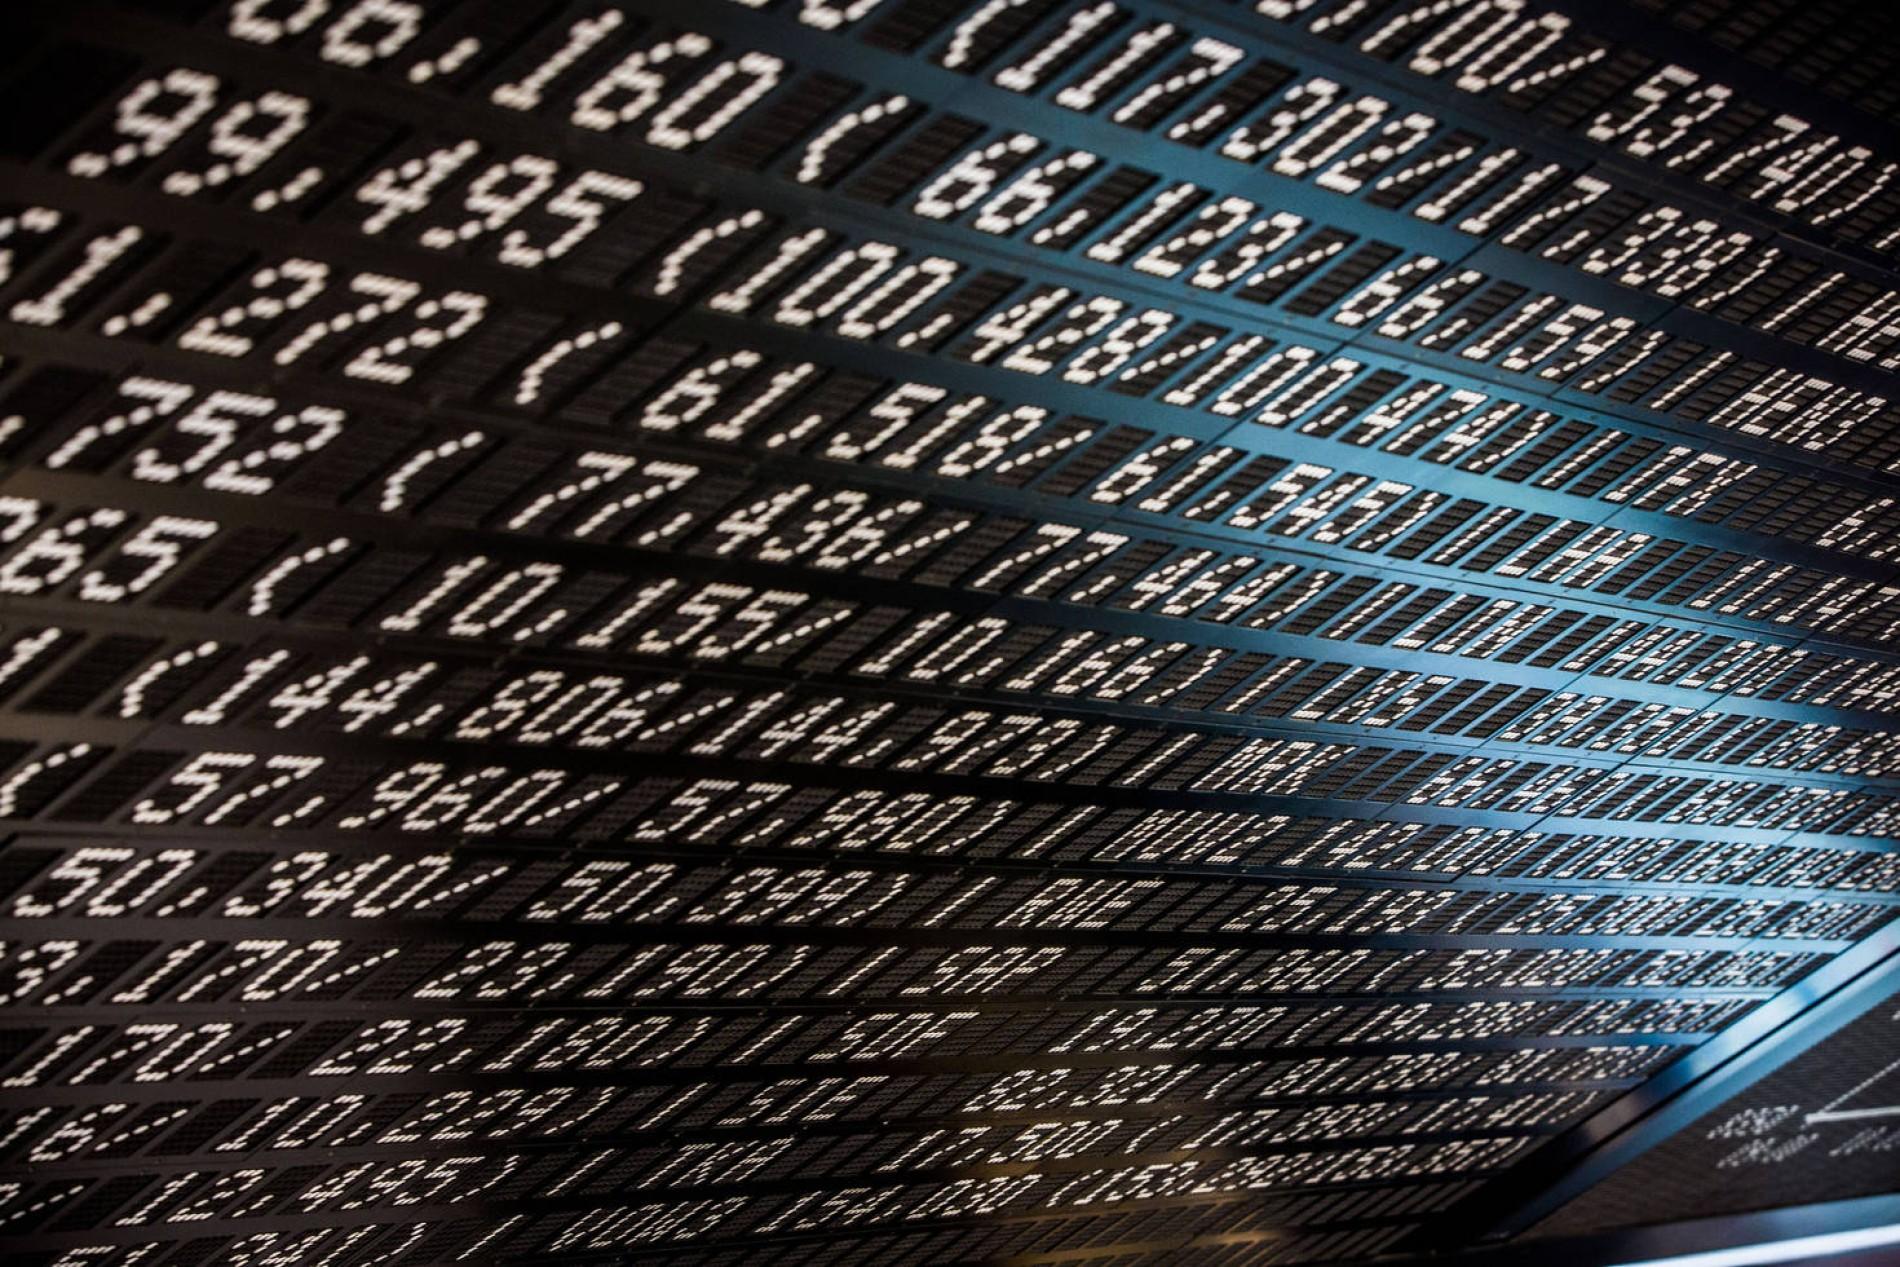 metatrader 4 signale überprüfen aktien für dummies faz